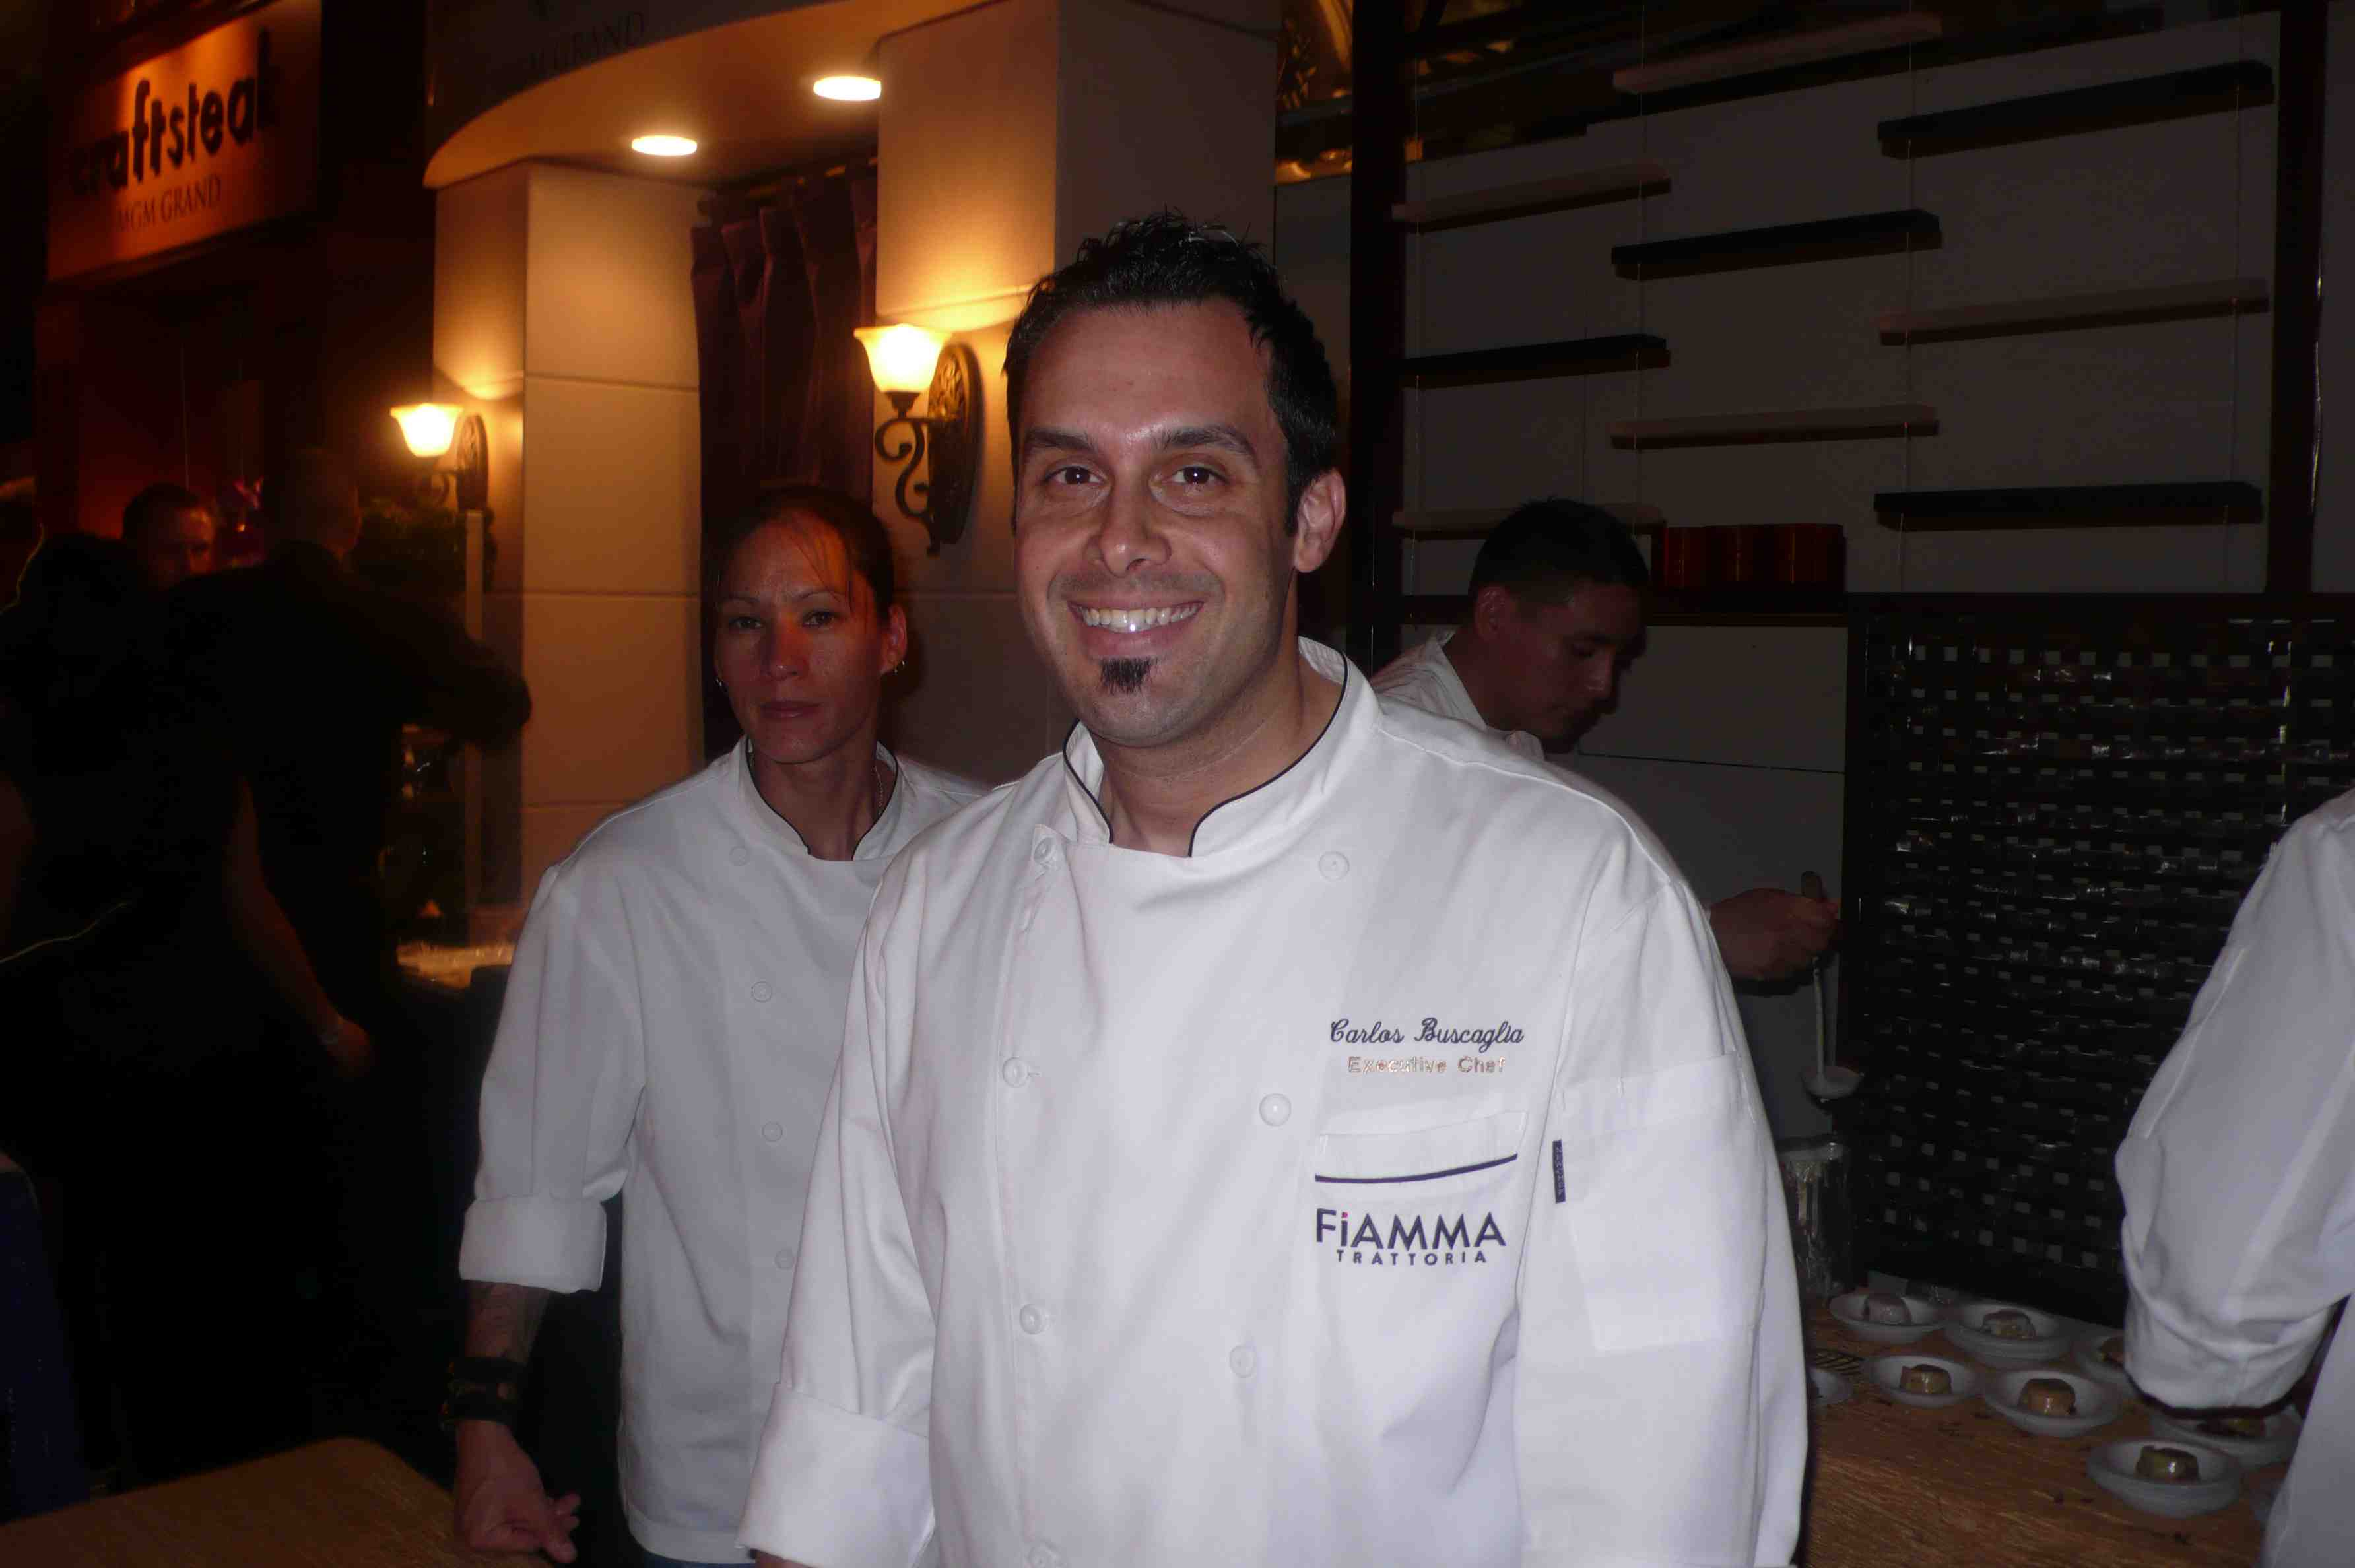 Chef Carlos Buscaglia